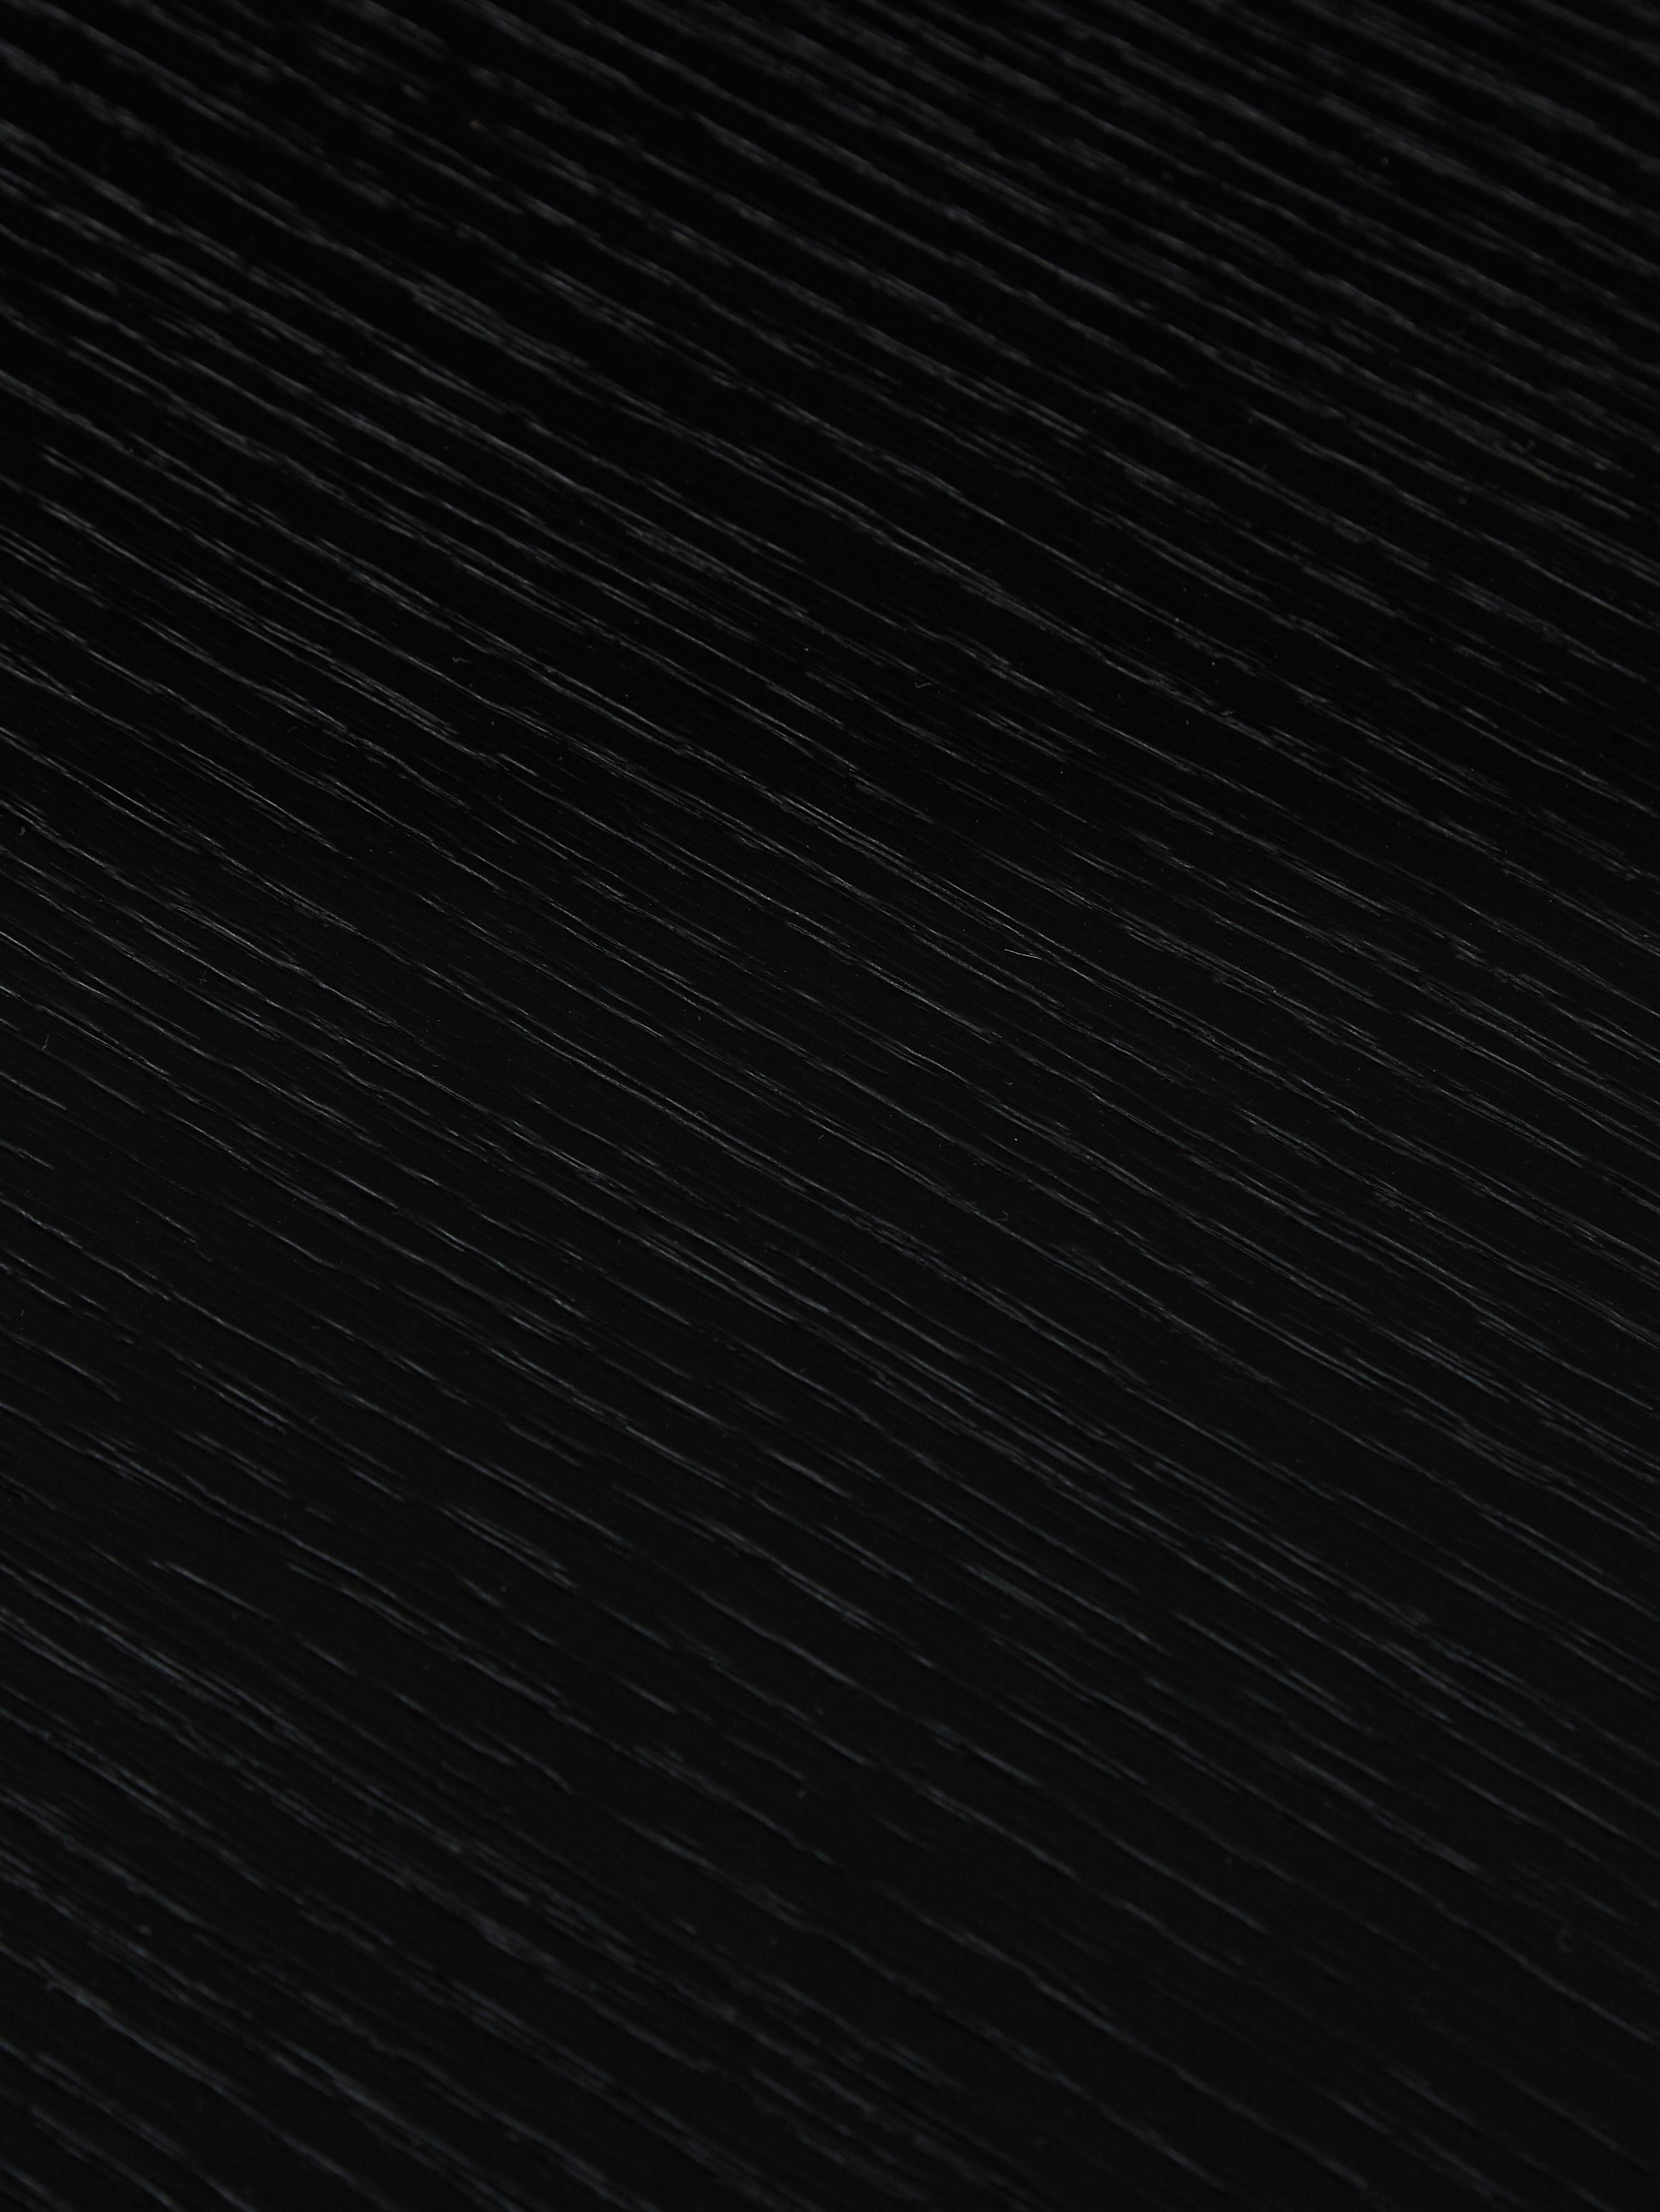 Ovaler Esstisch Toni aus Holz, Mitteldichte Holzfaserplatte (MDF) mit Eichenholzfurnier, lackiert, Eichenholzfurnier, schwarz lackiert, B 200 x T 90 cm